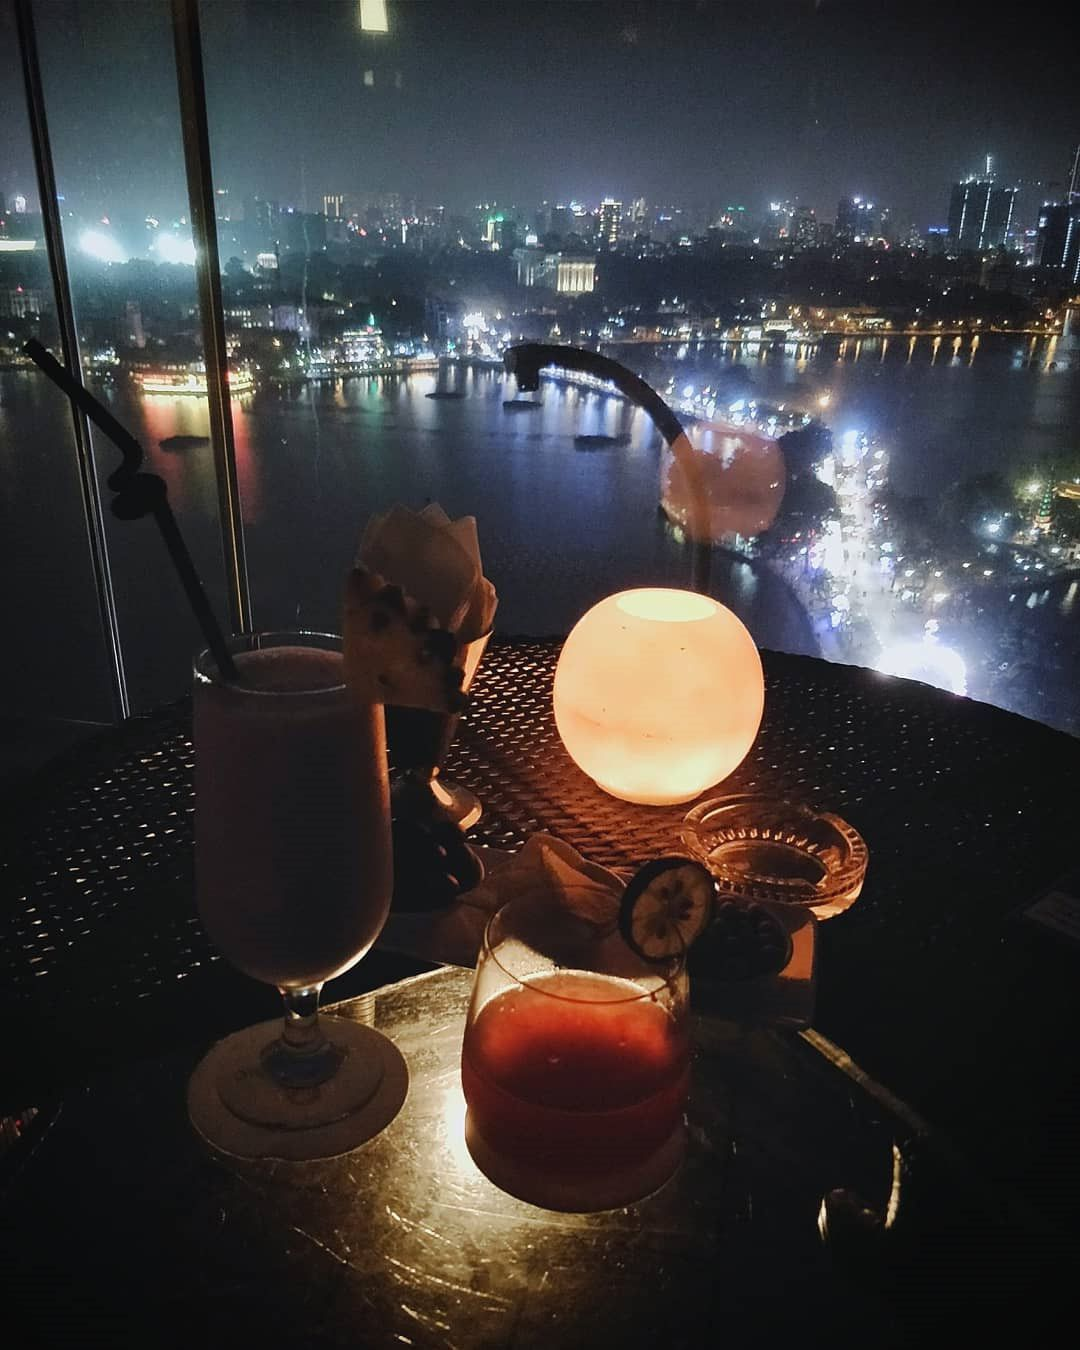 5 quán cà phê sang chảnh cho ngày lạnh ngắm vẻ đẹp Hà Nội Ảnh 6